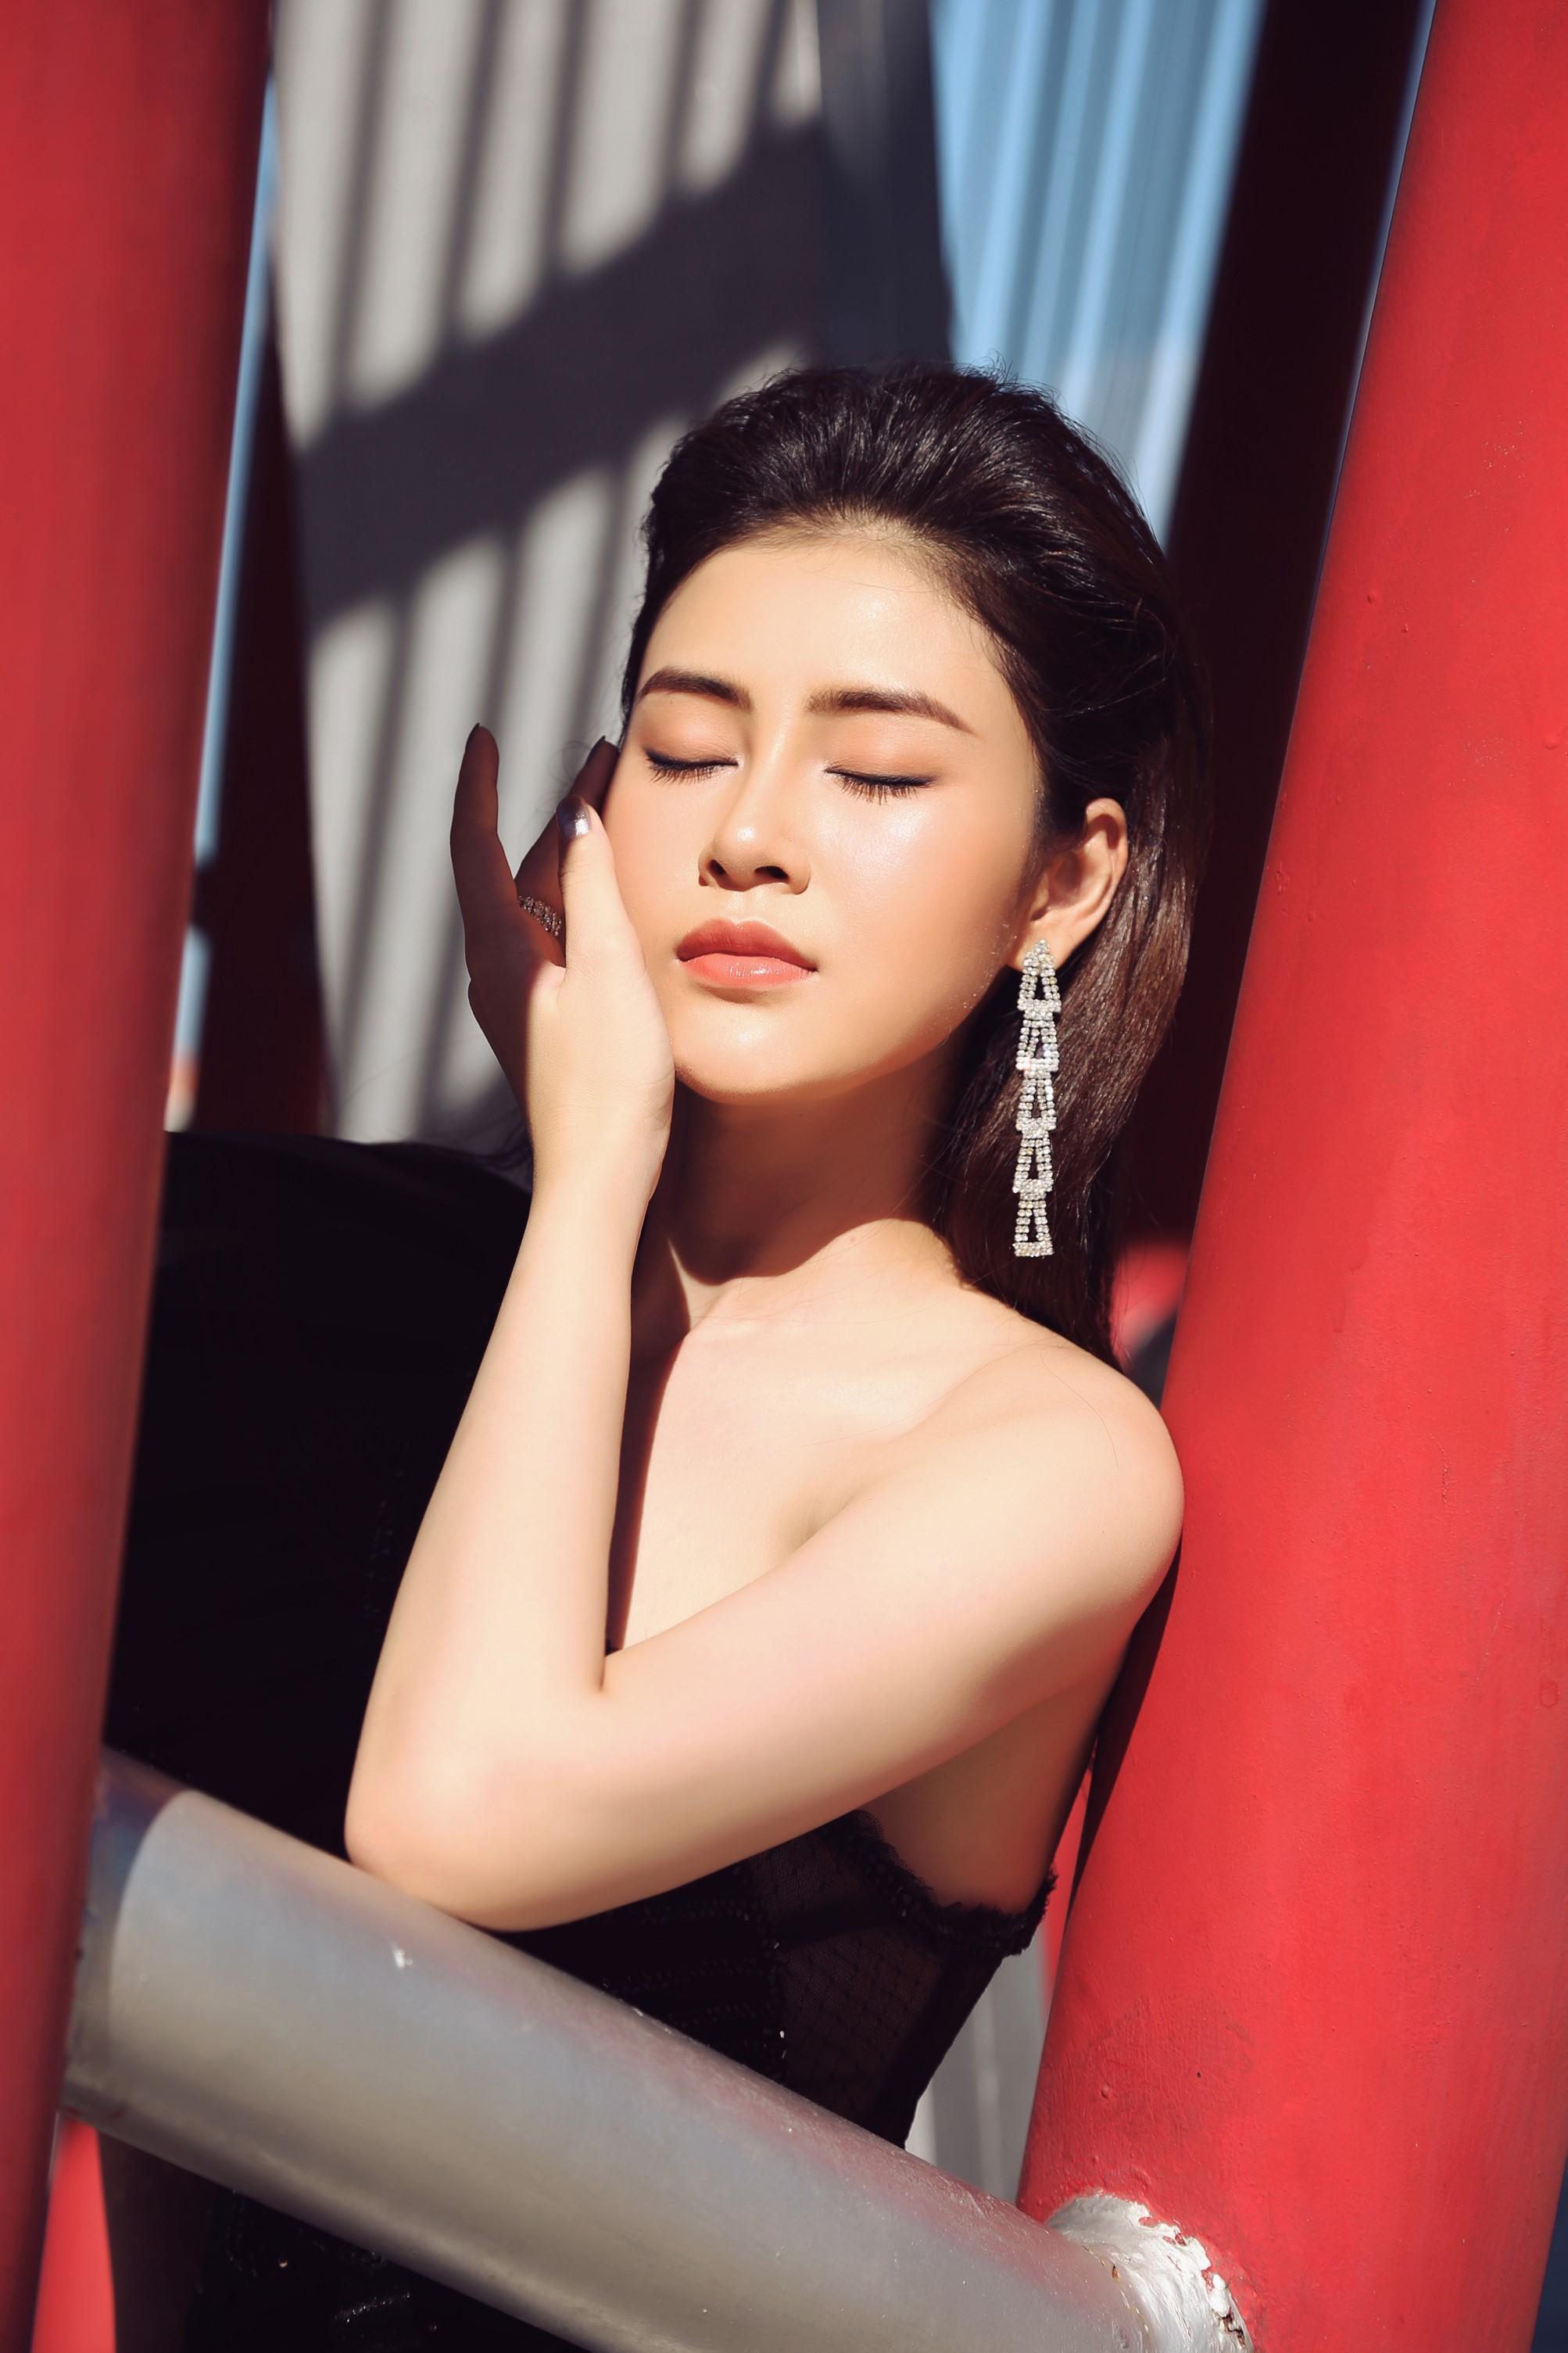 Á hậu Lý Kim Thảo khoe nhan sắc quyến rũ với trang phục gợi cảm Ảnh 5